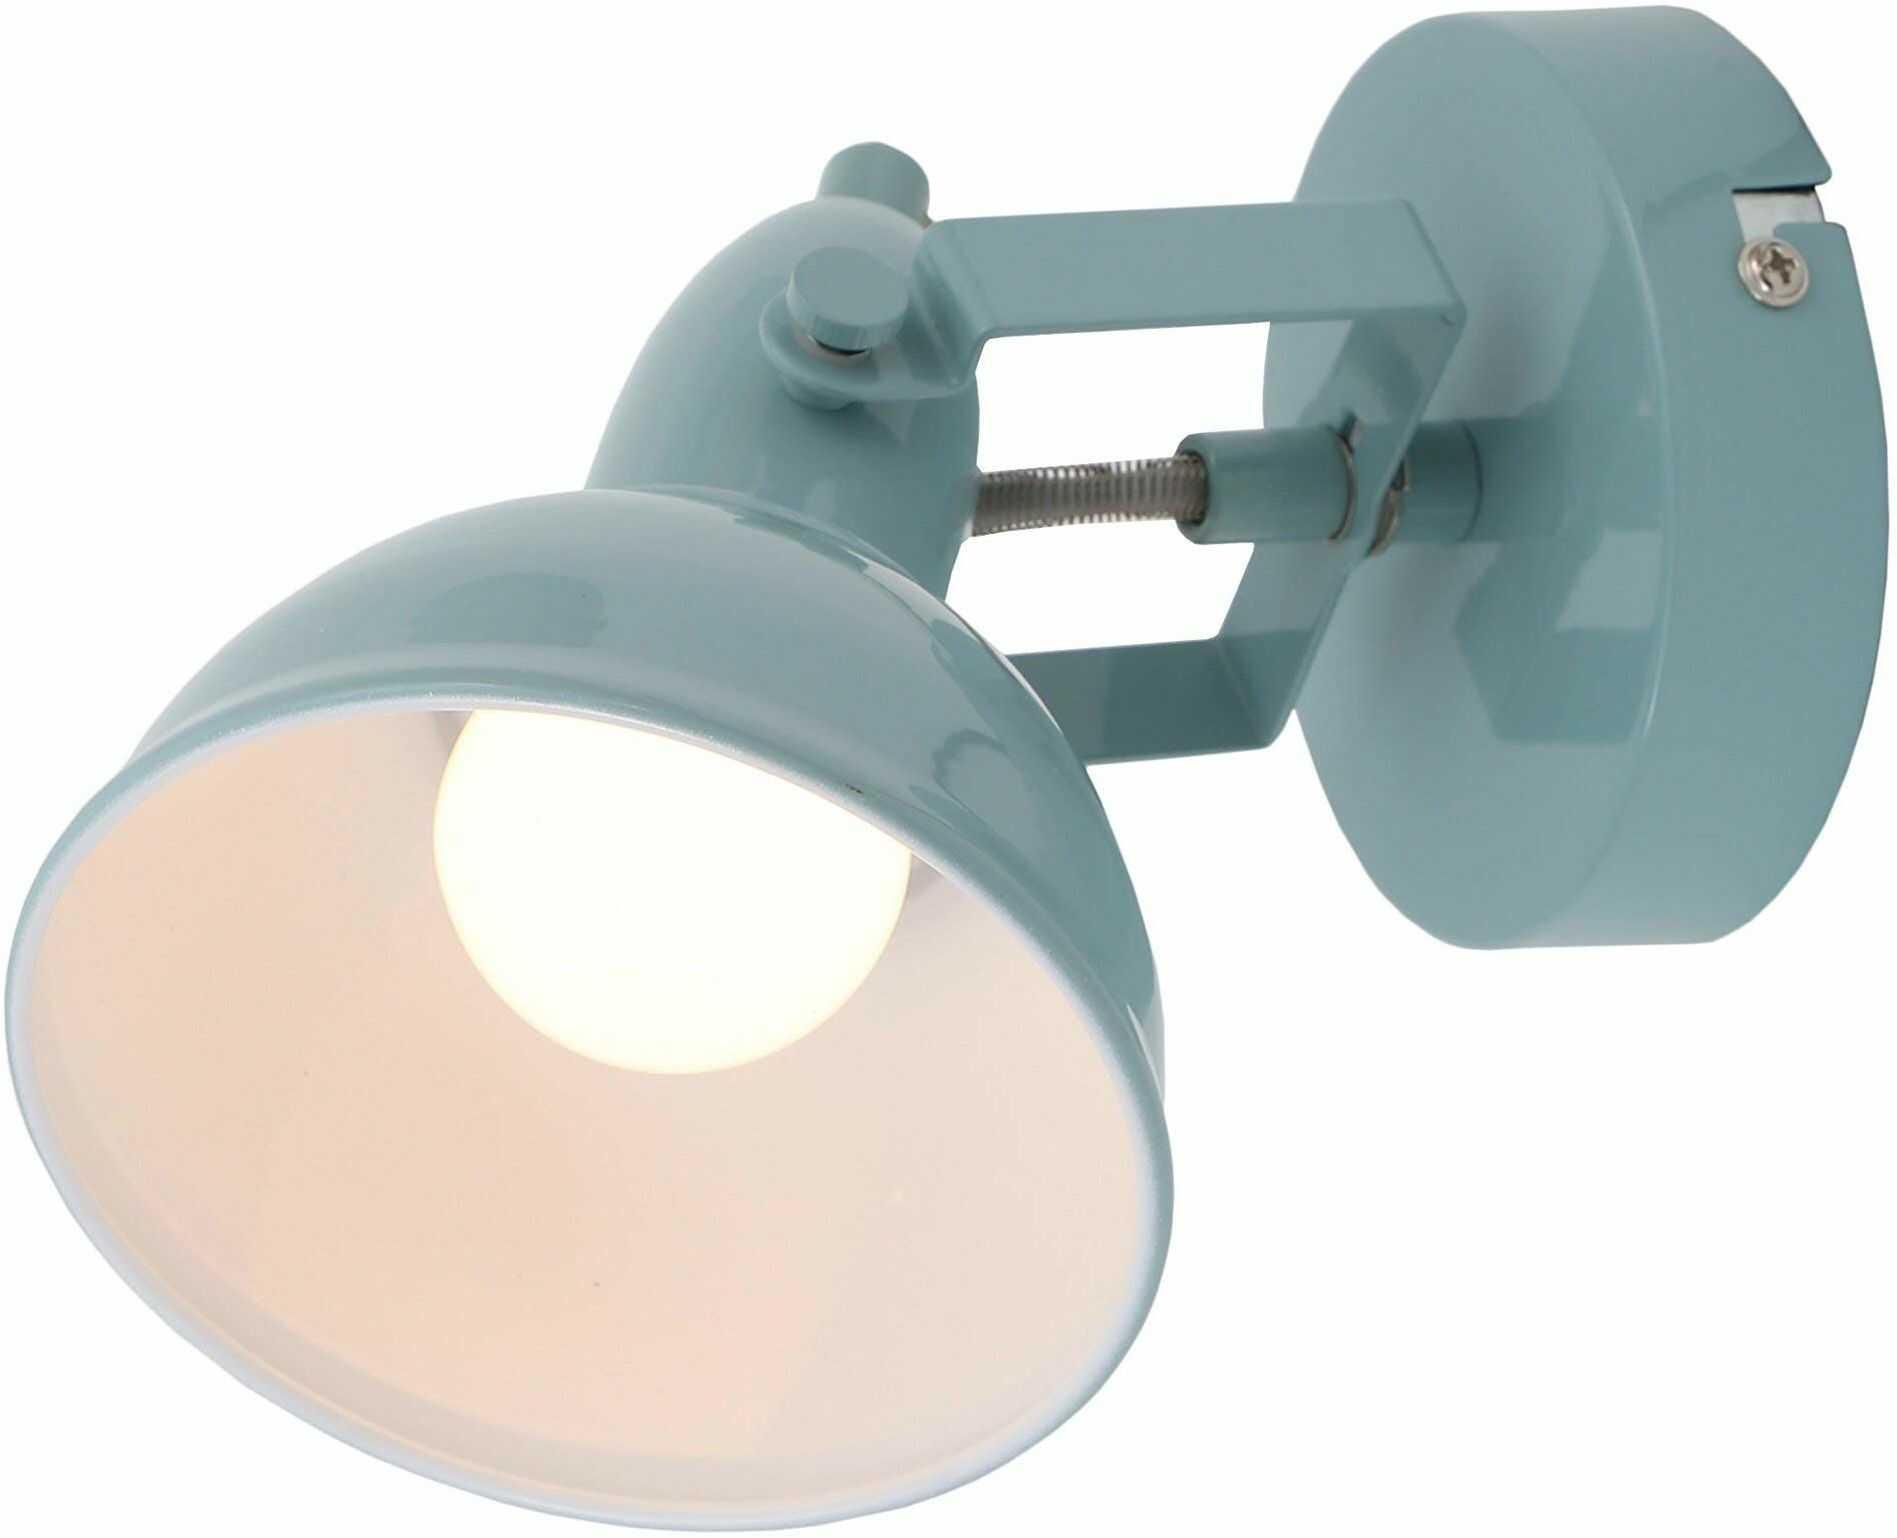 Briloner Leuchten  lampa ścienna, reflektor ścienny z obrotowym i obrotowym punktem w stylu retro/vintage, oprawka: E14, maks. 40 W, metal, wymiary: 15,6 x 10 cm, kolor: miętowo-biały